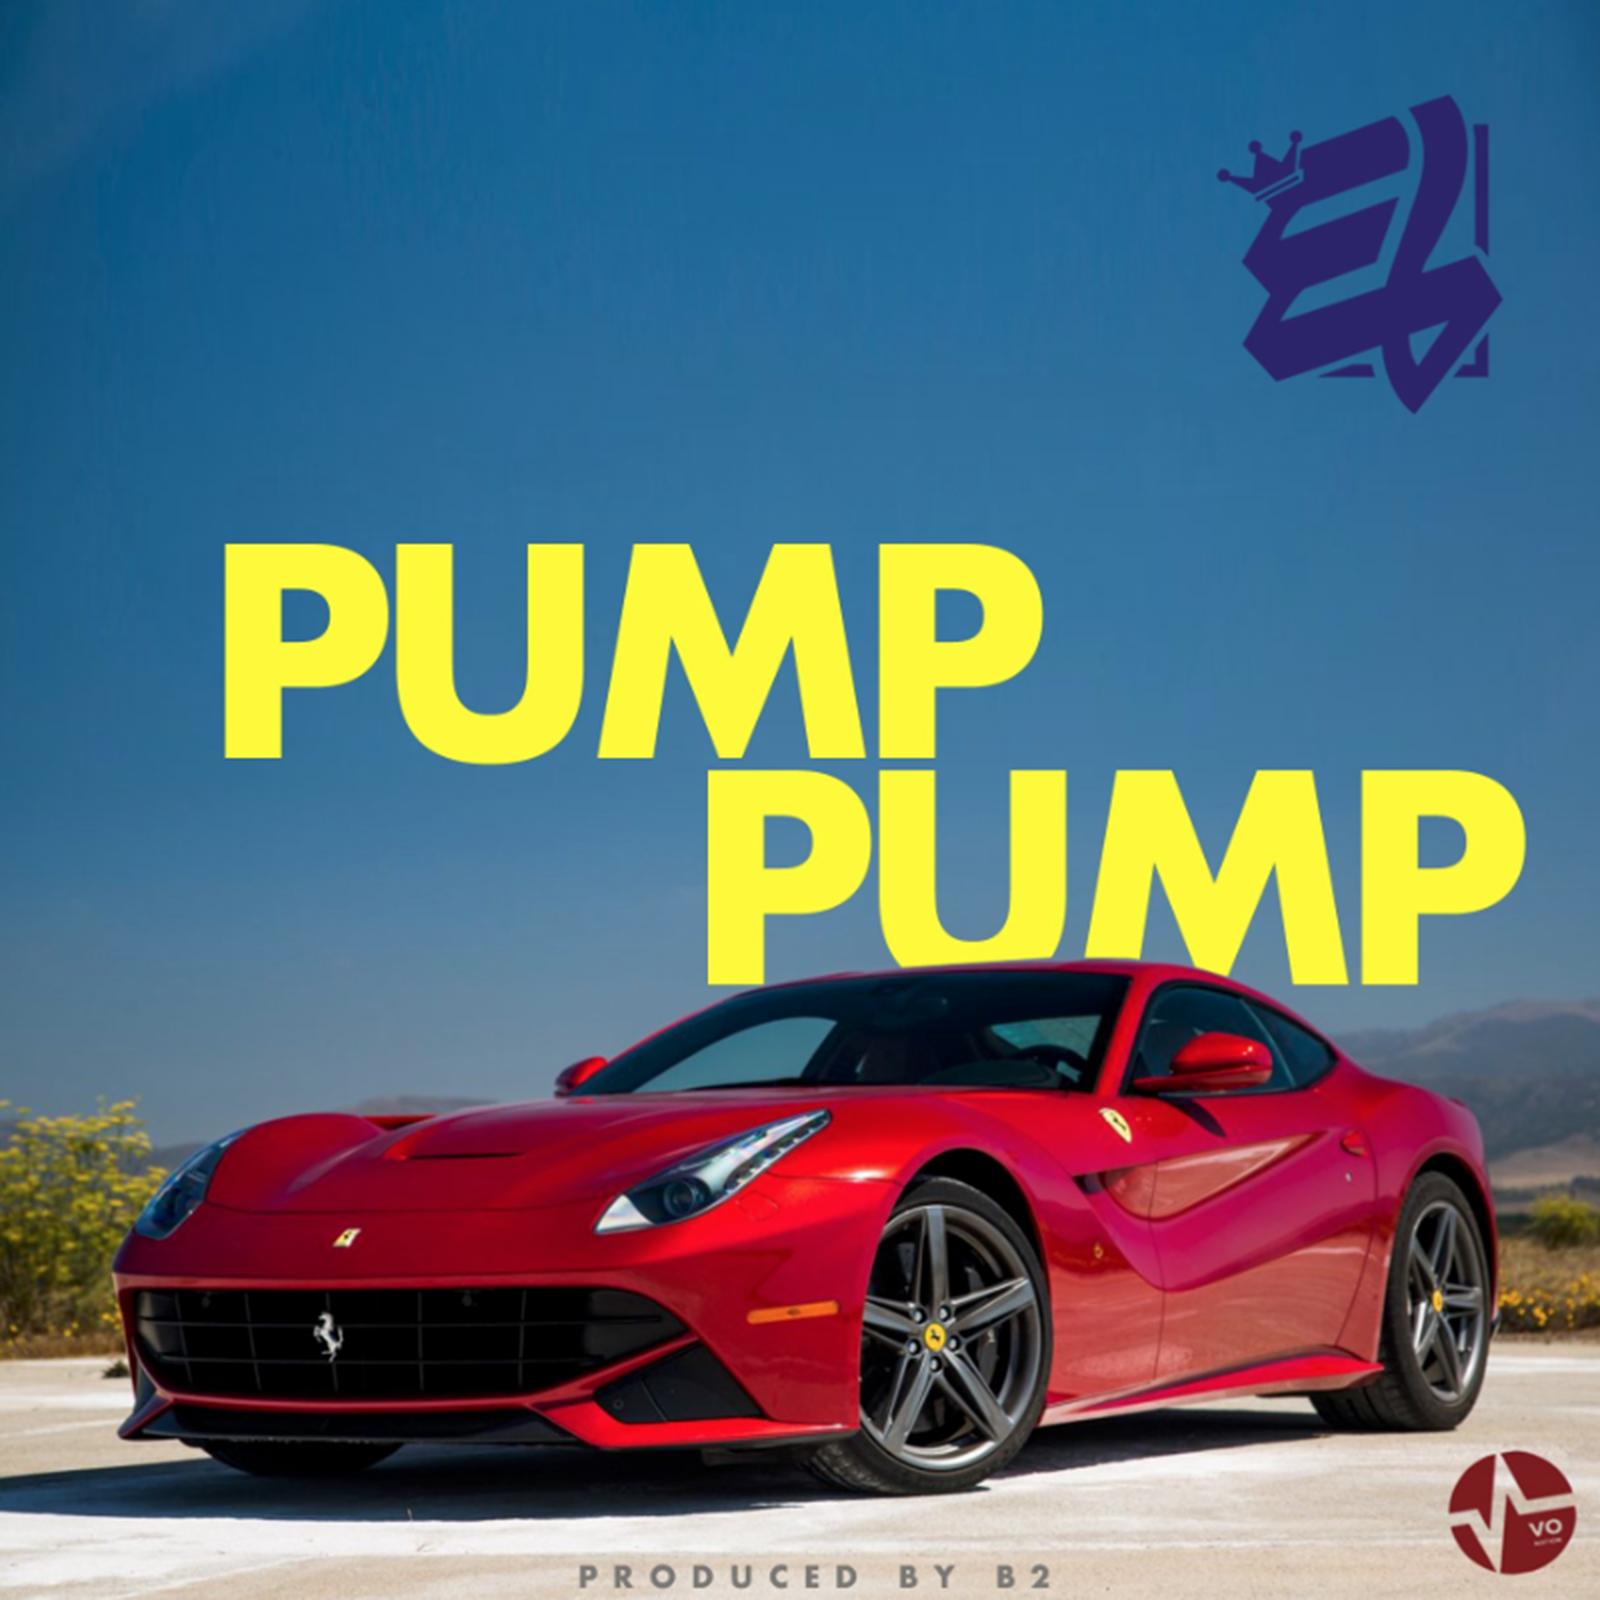 Pump Pump by E.L